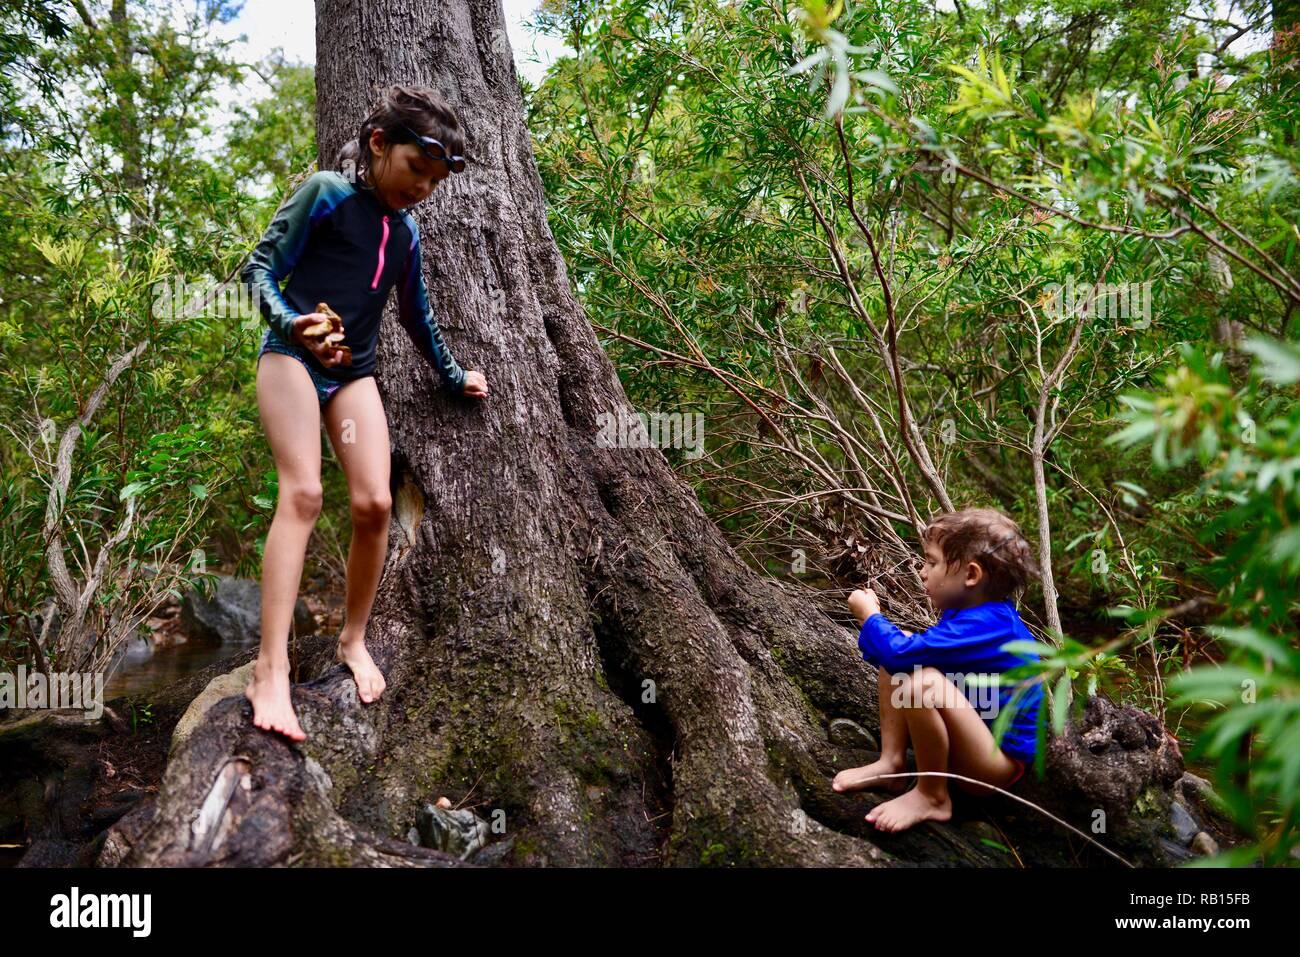 Niños jugando en un árbol cerca de un arroyo, una familia de nadar en un arroyo, Alligator Creek, Townsville, Queensland, Australia Foto de stock